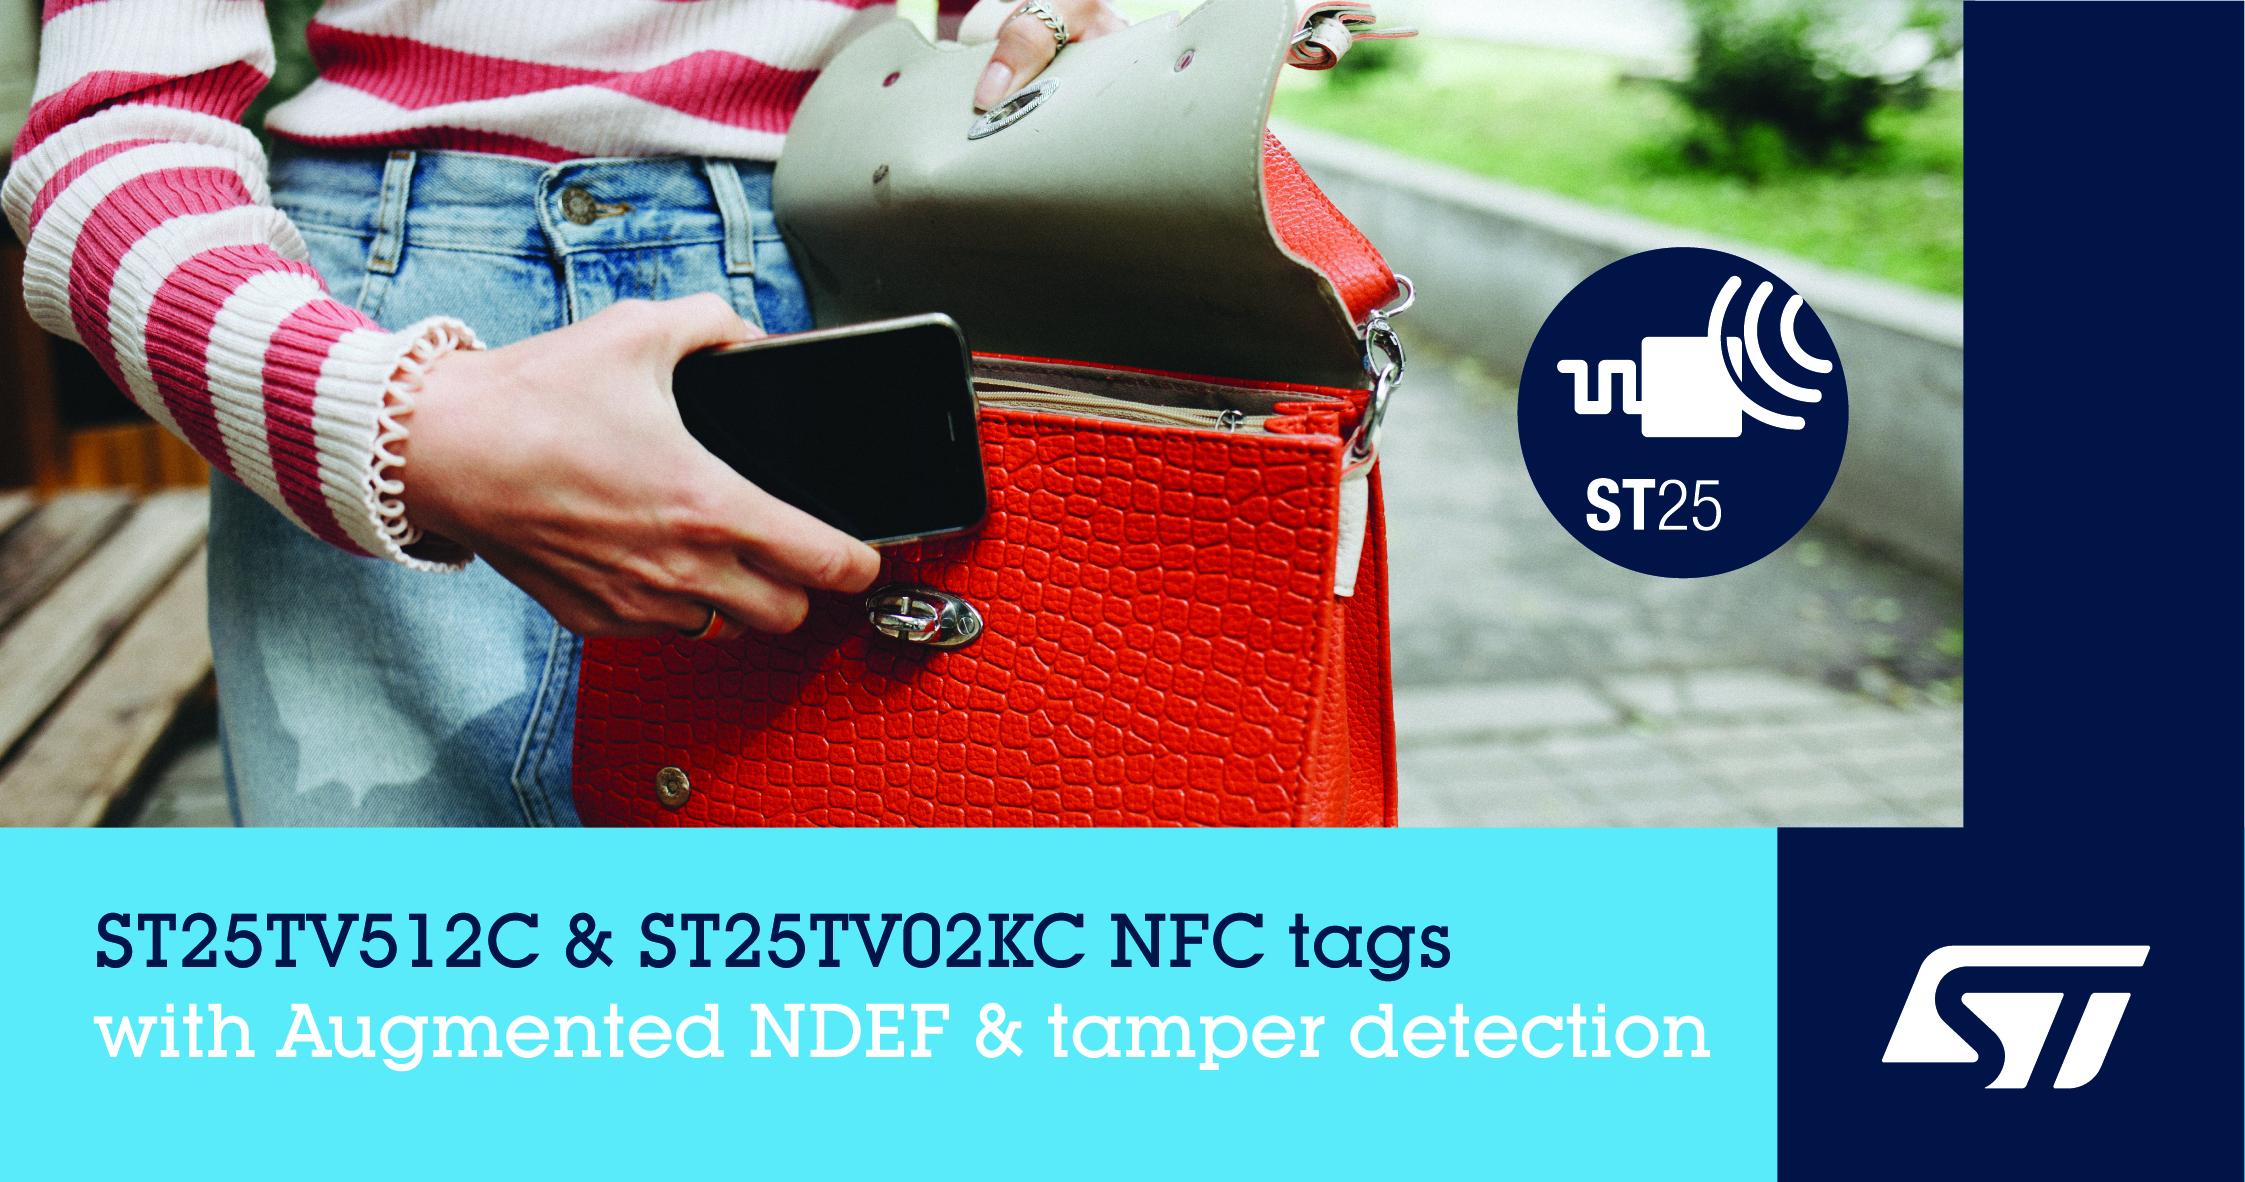 意法半导体推出新Type-5标签芯片,集成动态消息内容和防篡改功能推进NFC应用开发创新